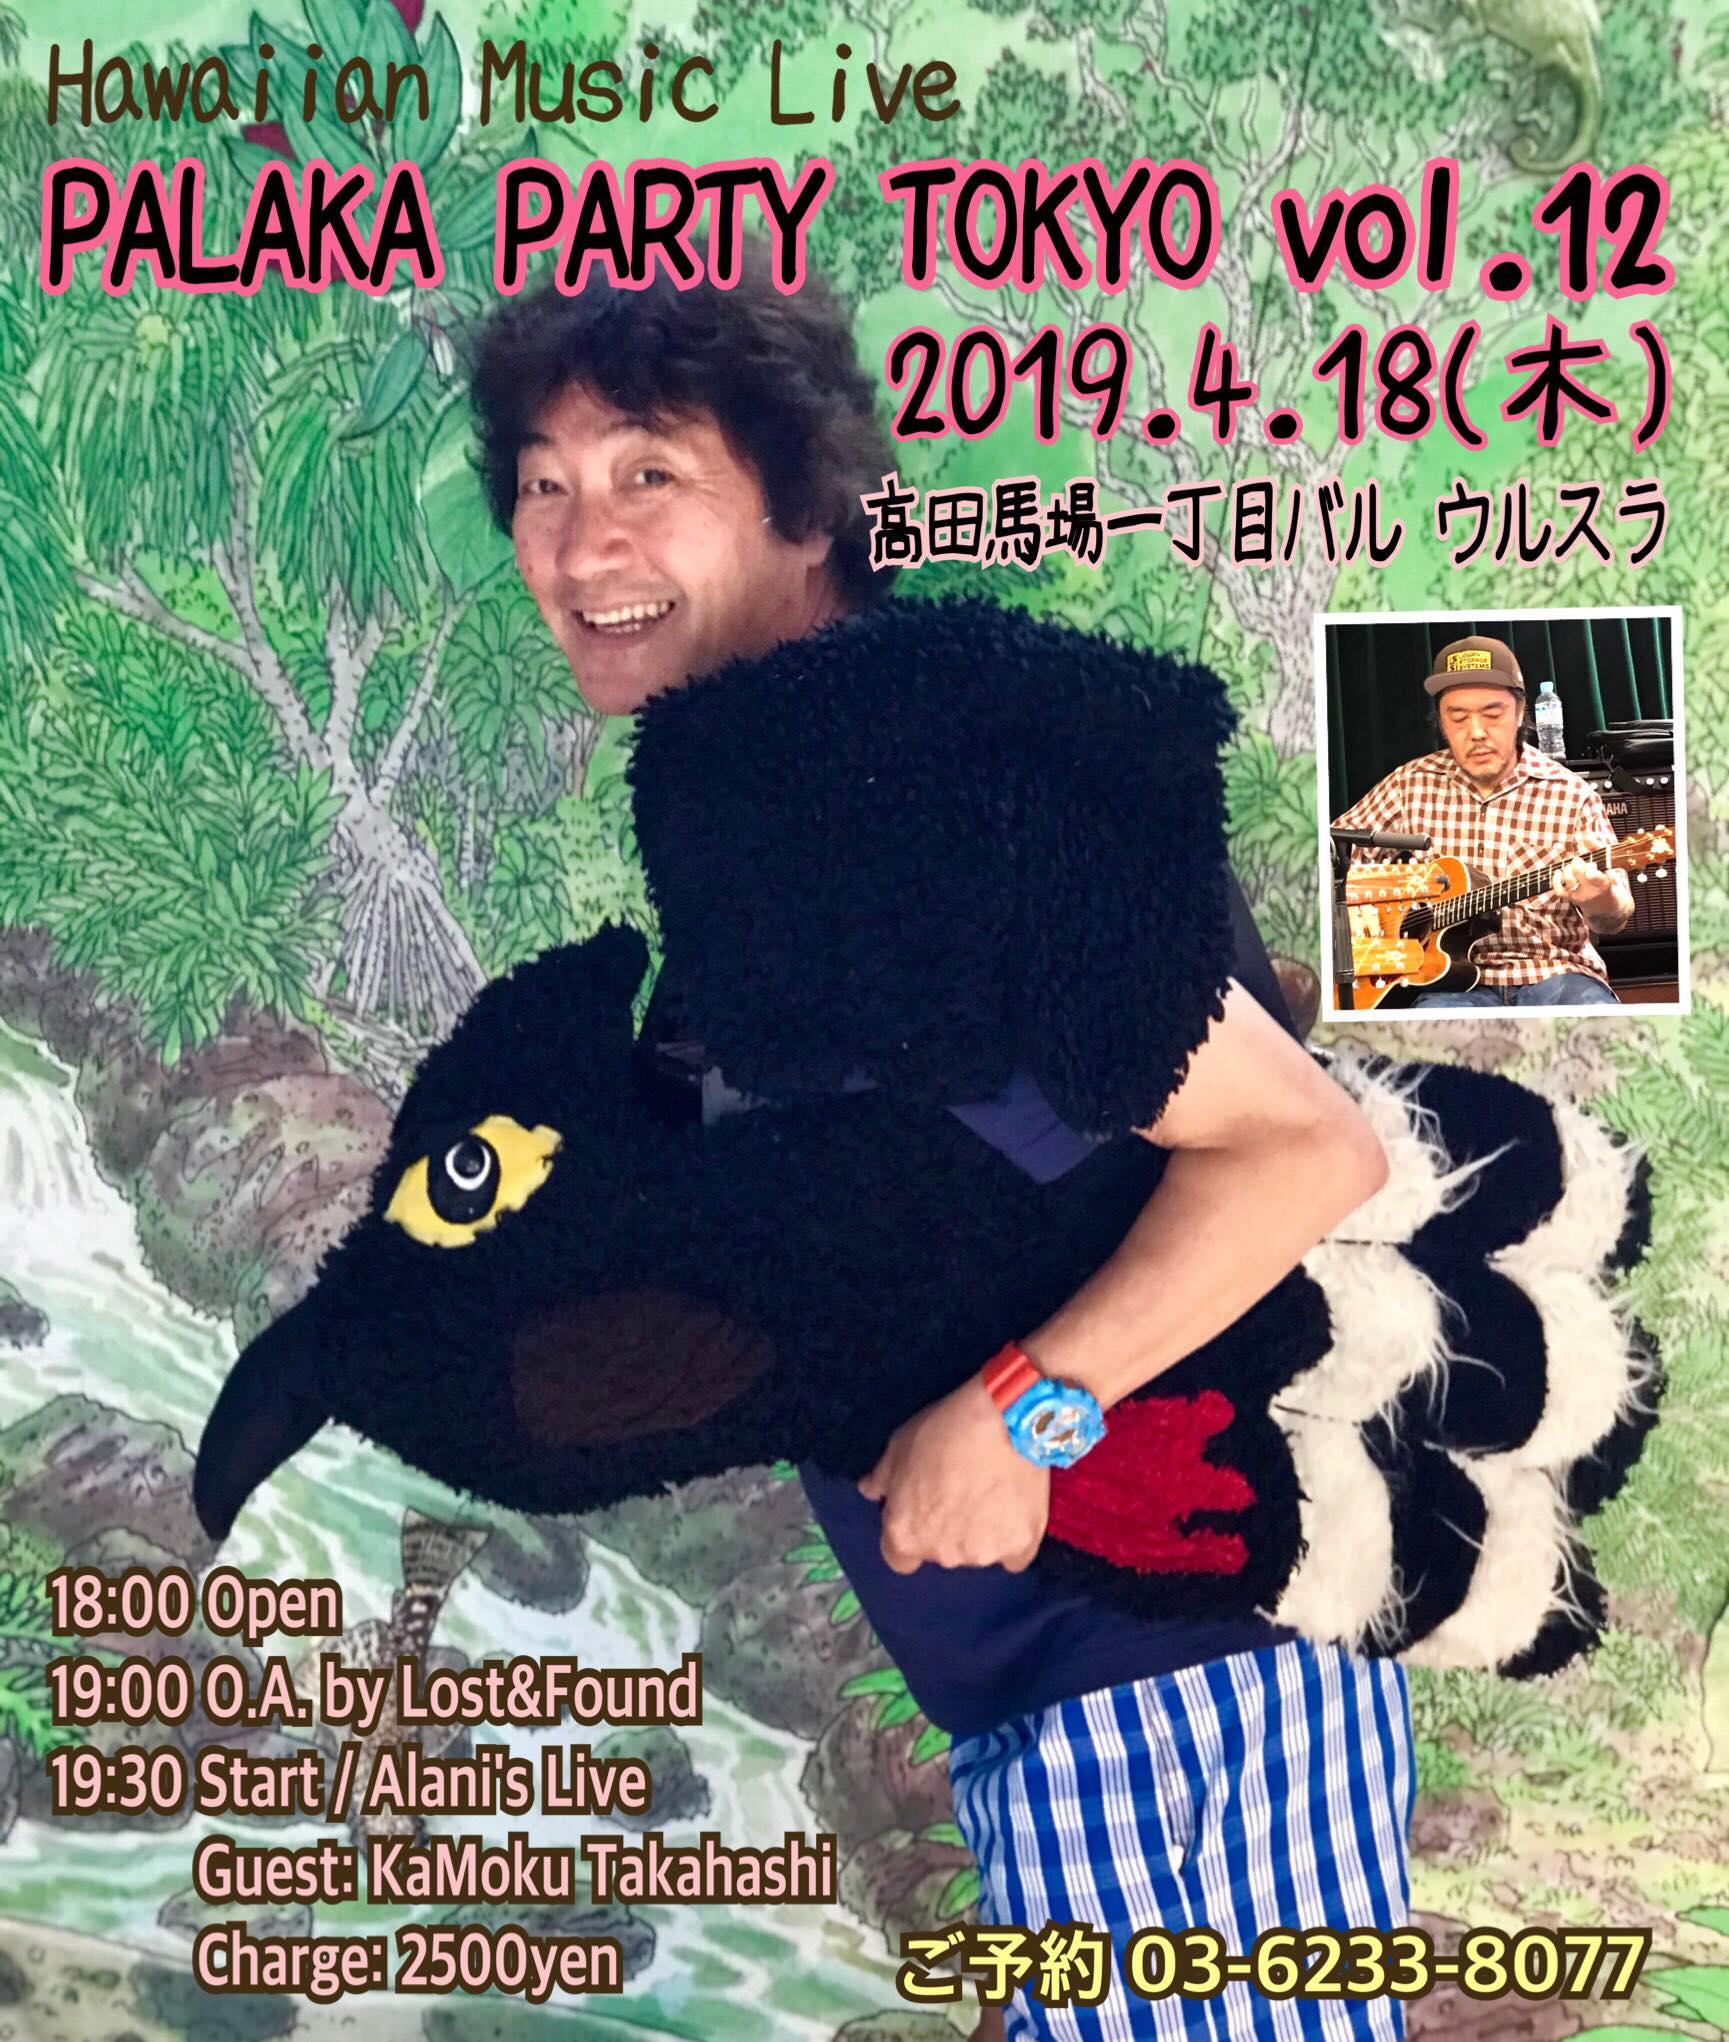 東京 第12回 Palaka Party in 東京 @ バル ウルスラ